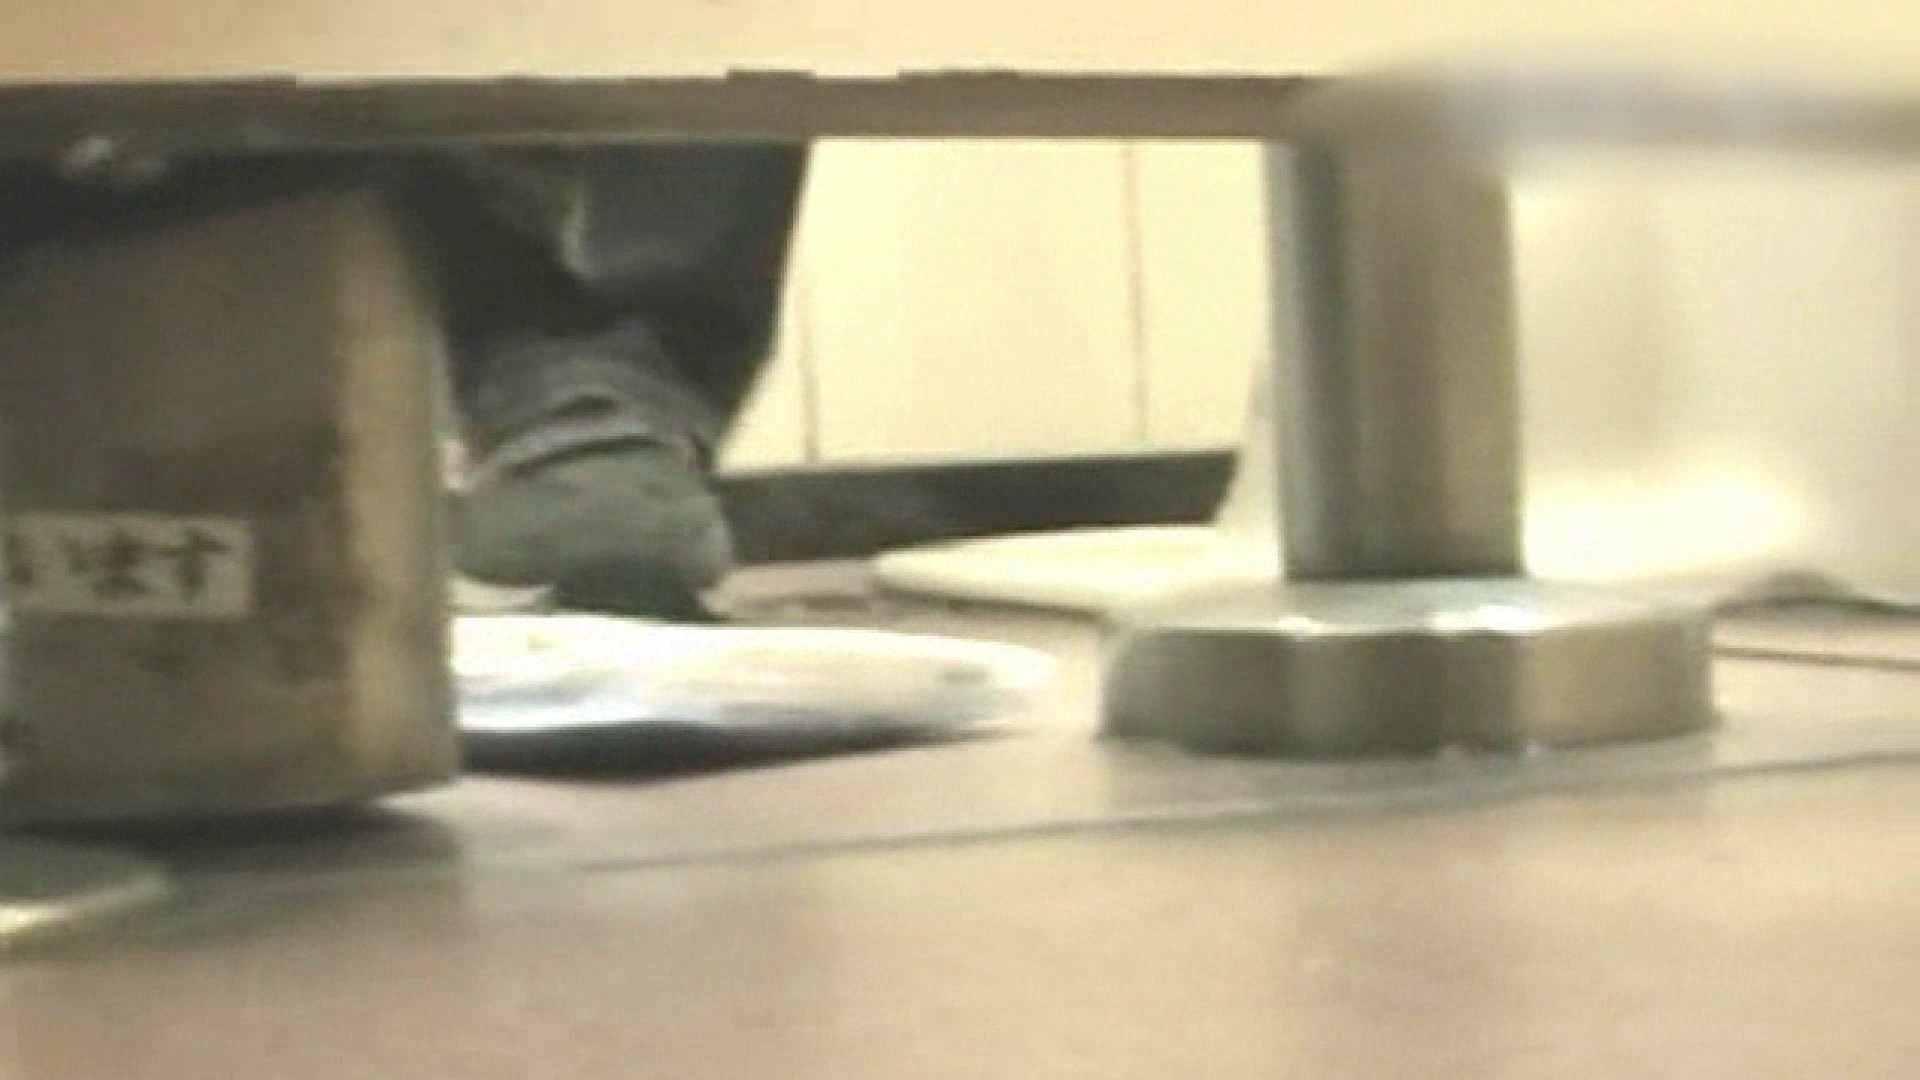 ロックハンドさんの盗撮記録File.23 マンコ・ムレムレ エロ画像 84pic 35